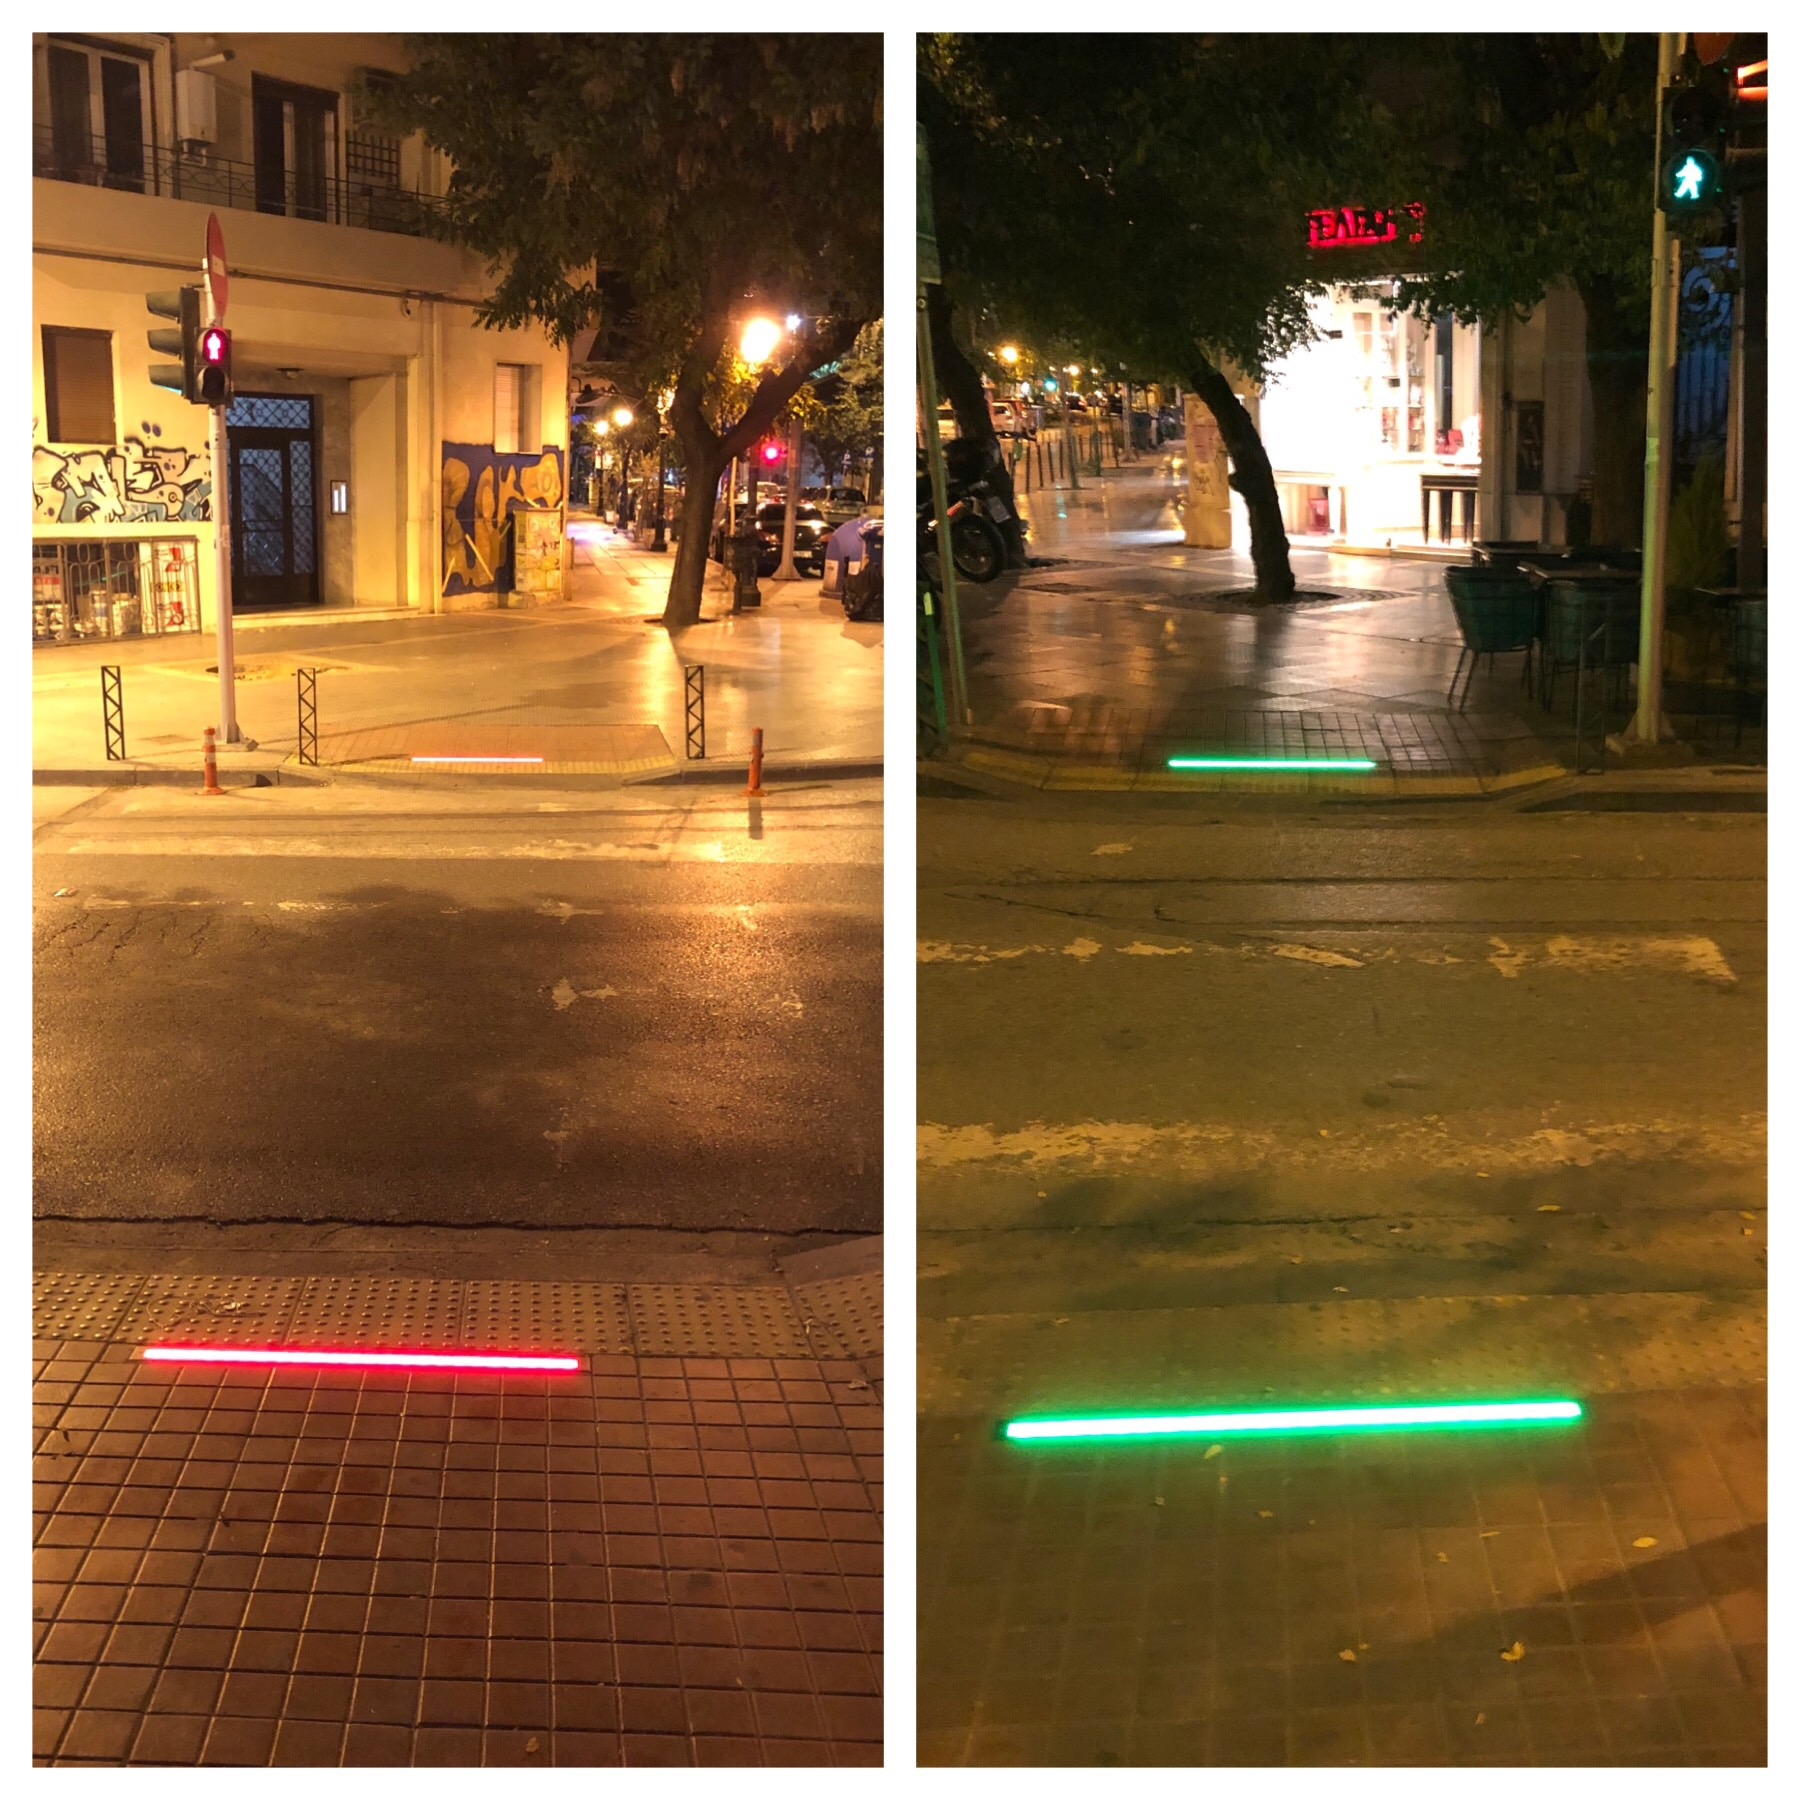 Man traut sich nicht zu gehen. Eine tolle Erfindung für die Sicherheit von Fußgängern.